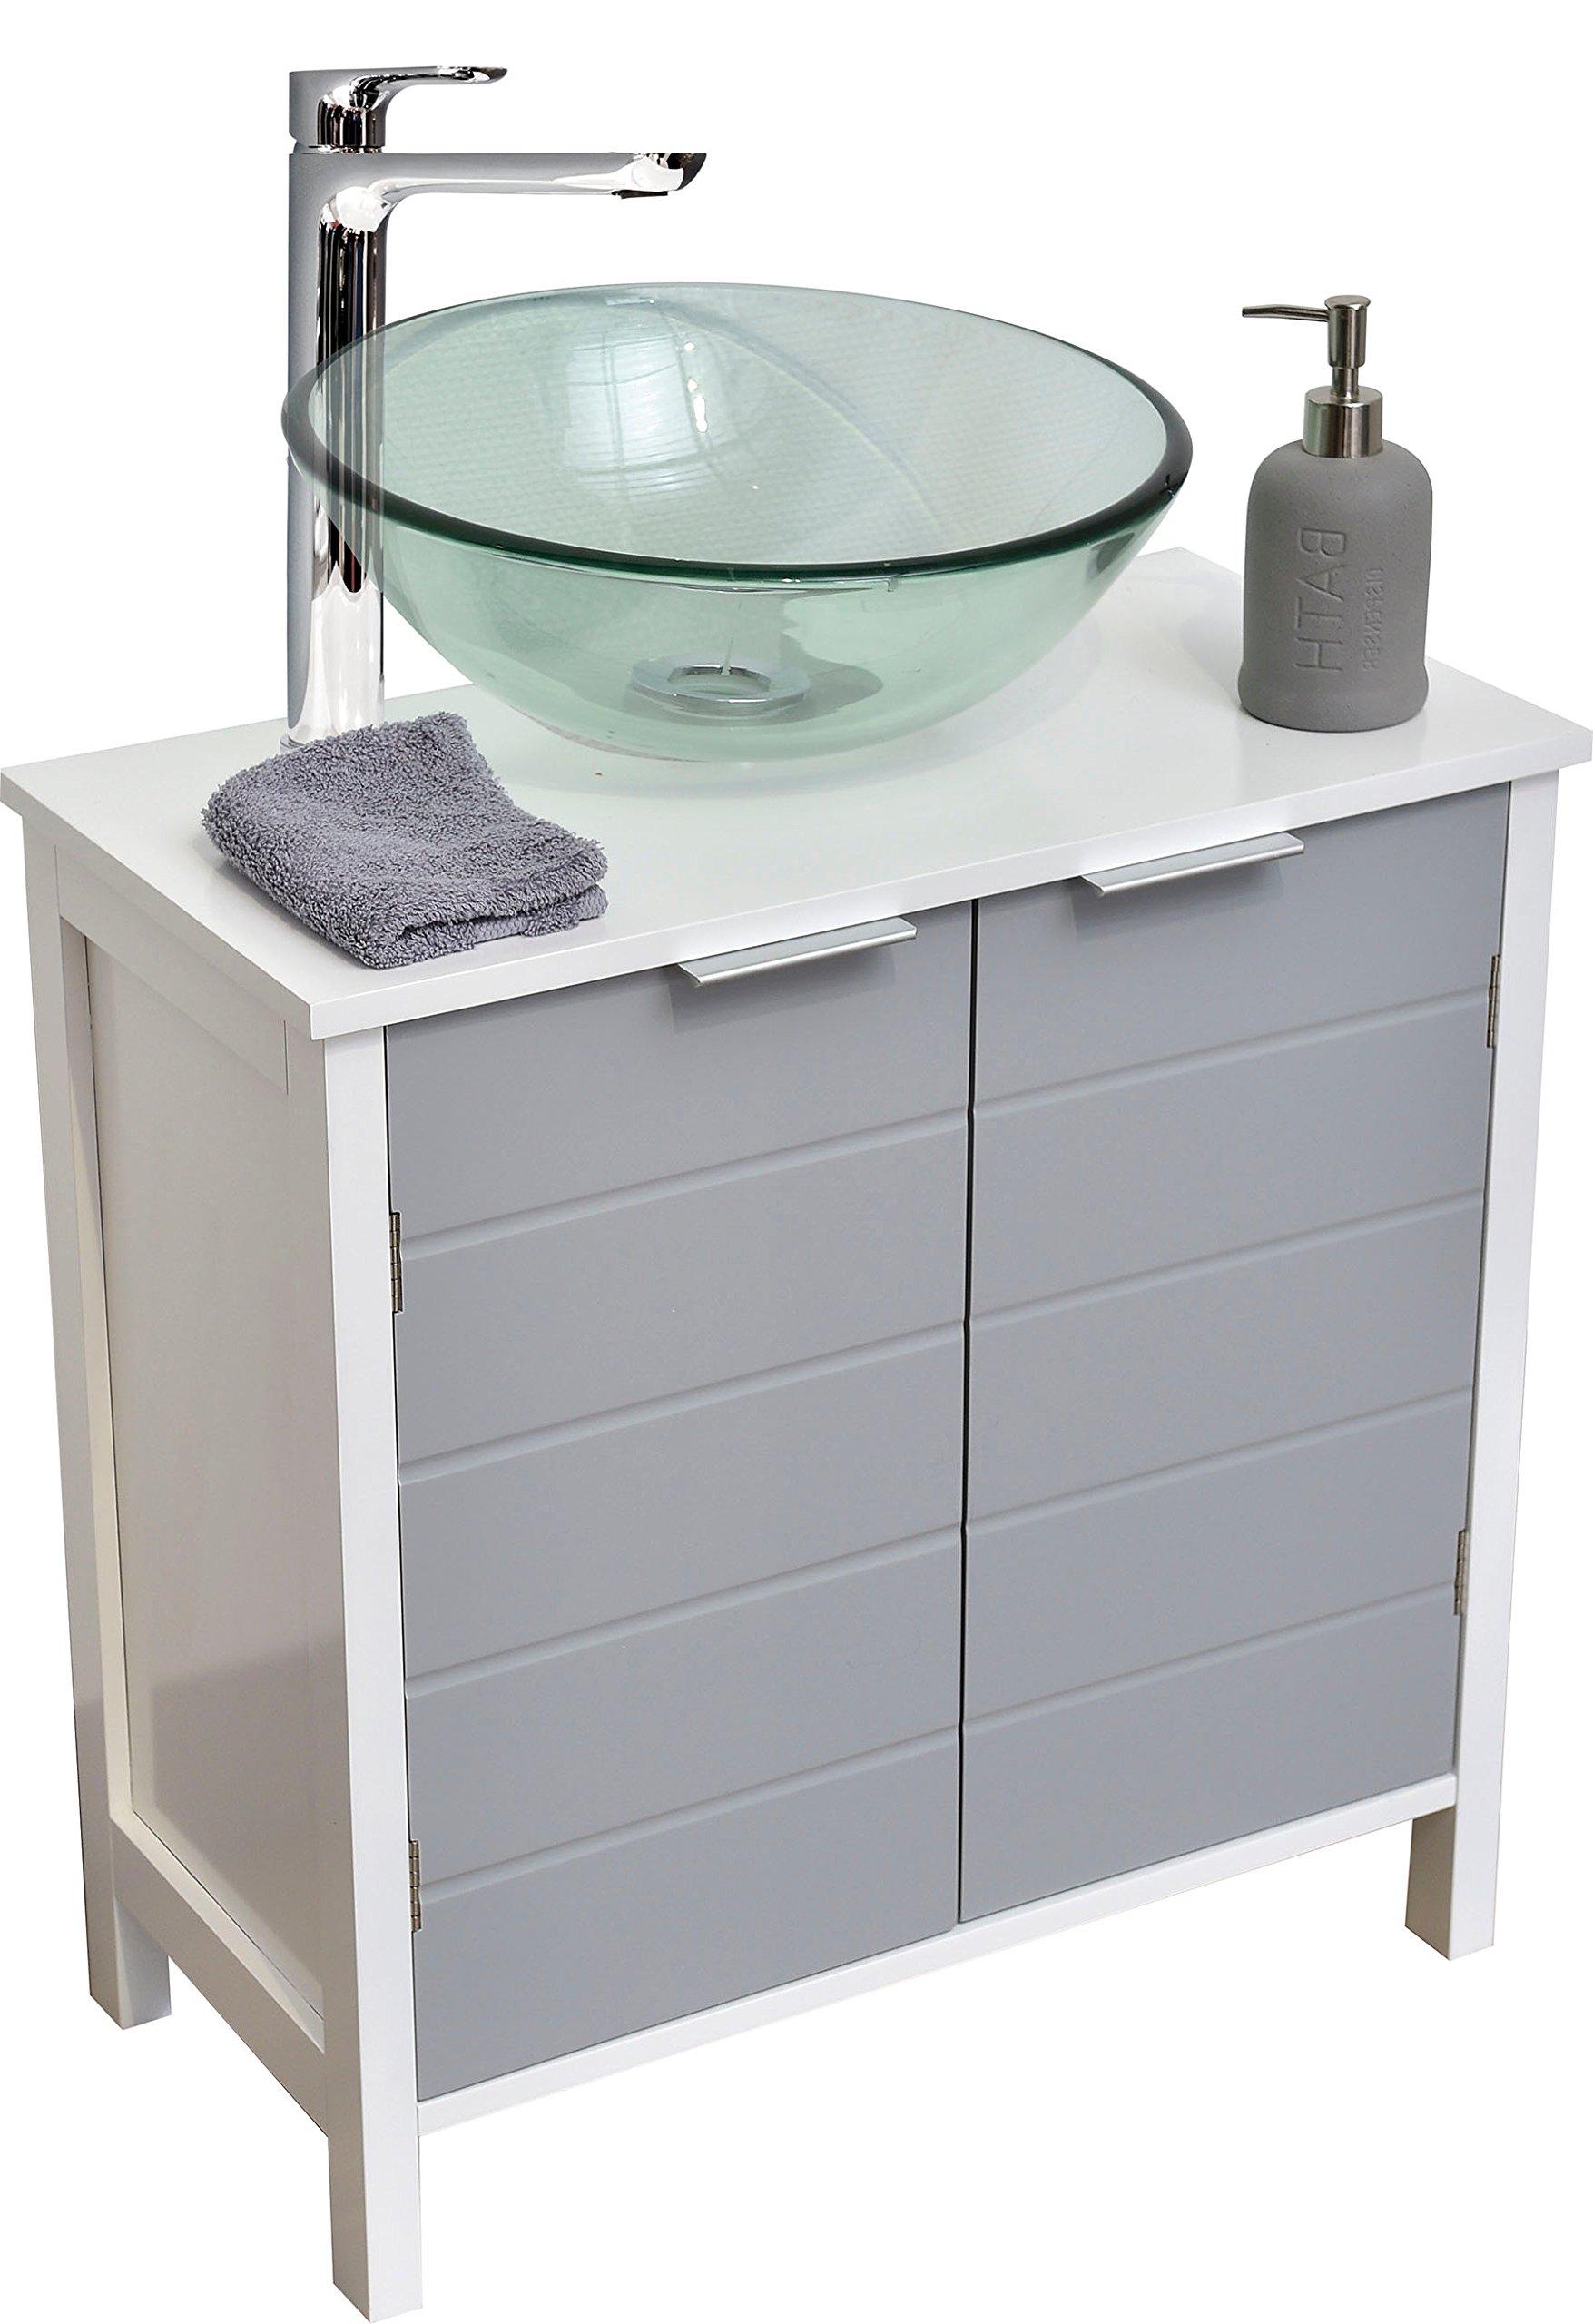 tendance meuble dessous de lavabo ou evier 2 portes et 1 tag re coloris blanc et gris. Black Bedroom Furniture Sets. Home Design Ideas